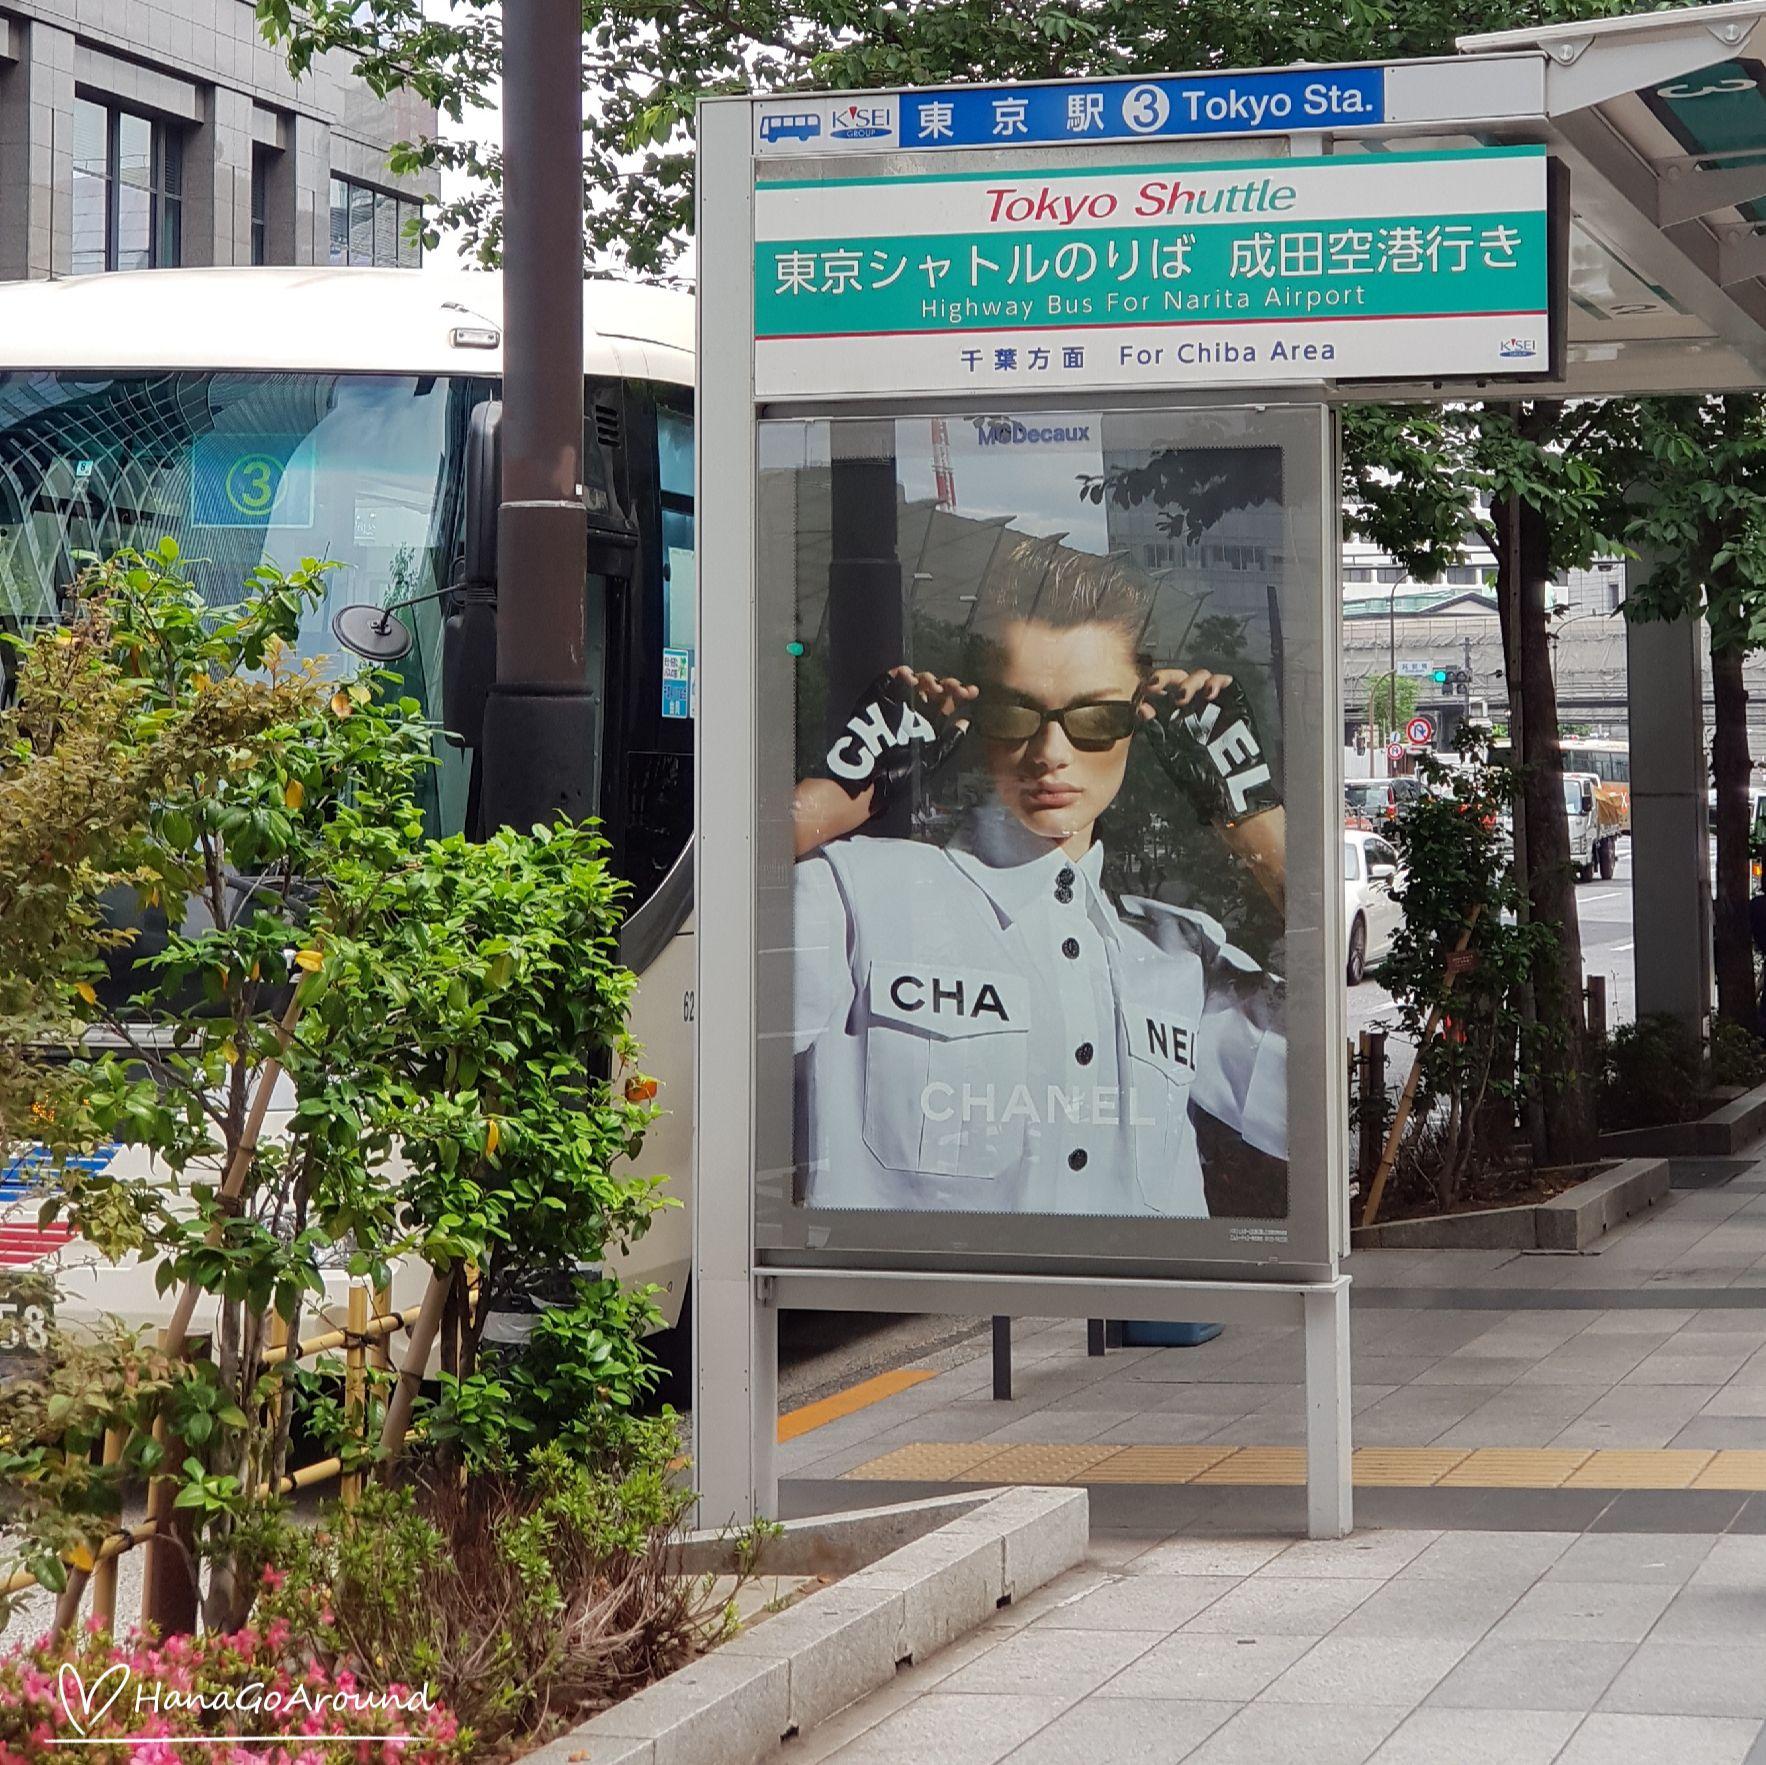 จุดจอดรถ Keisei Bus สถานีรถไฟโตเกียว - สนามบินนานาชาตินาริตะ